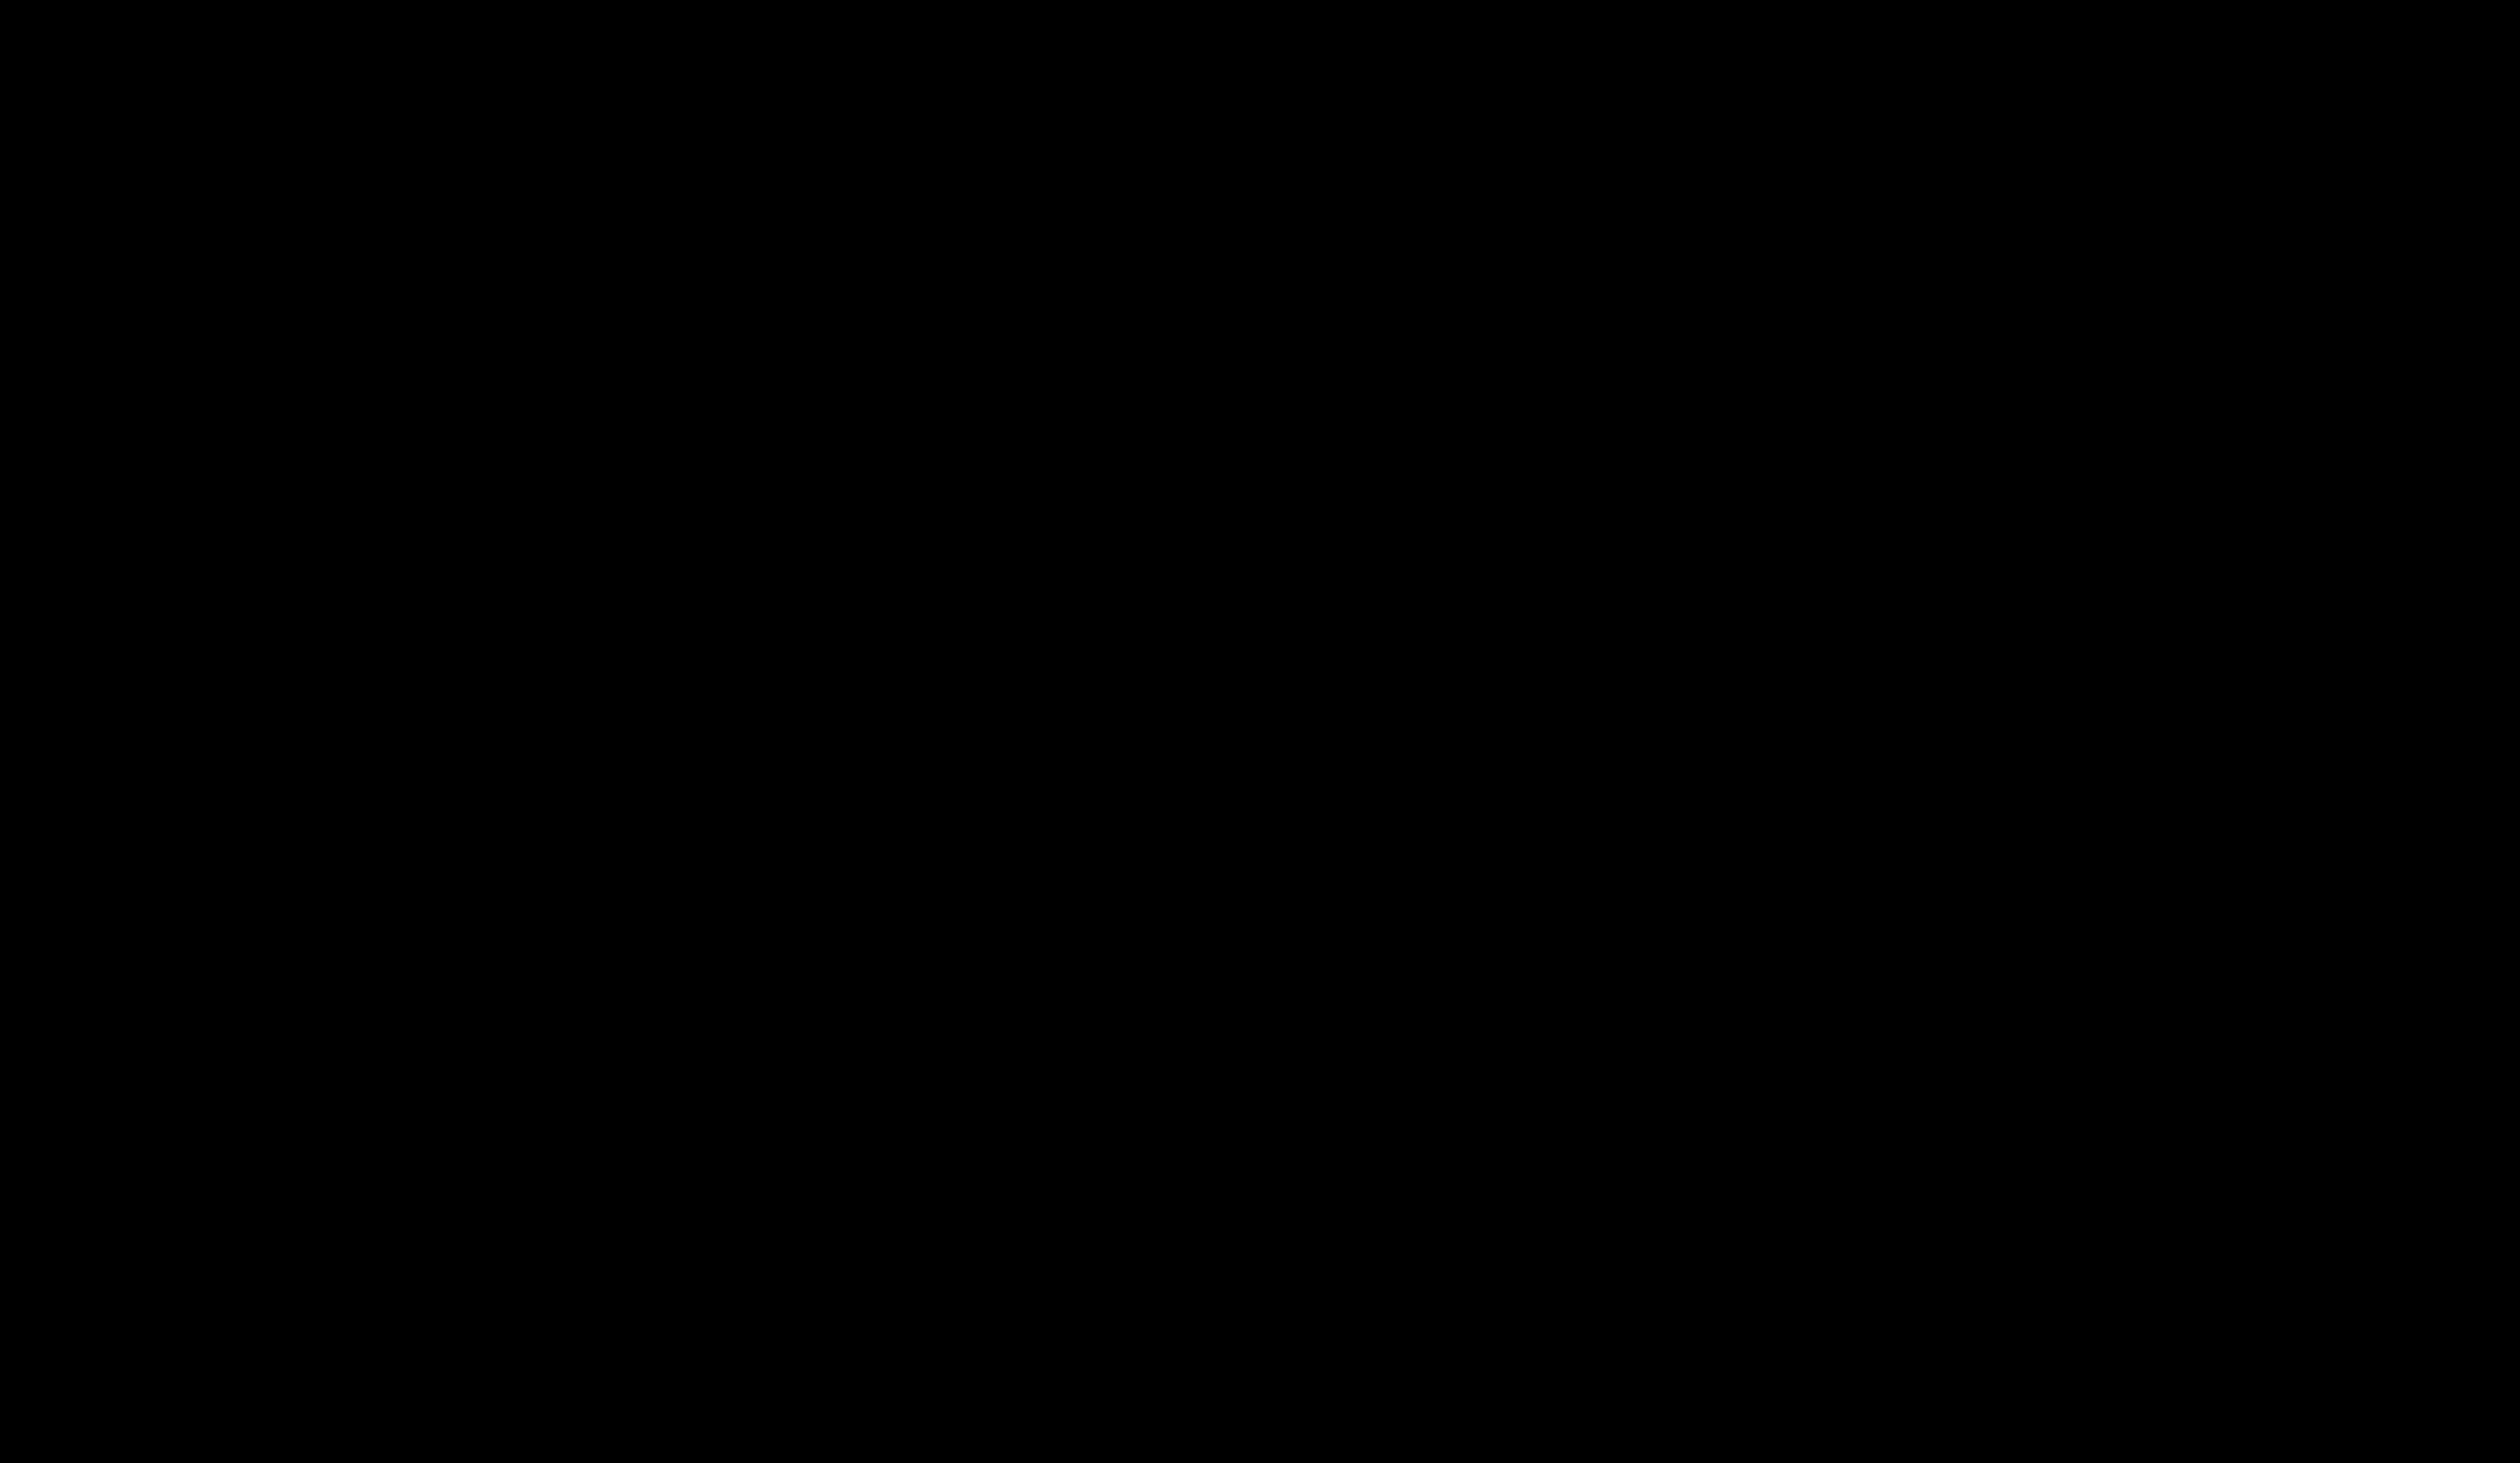 07 05 2016 Zecken Fsme Impfung Praxis Dr Bergmann Dachau Bei Munchen